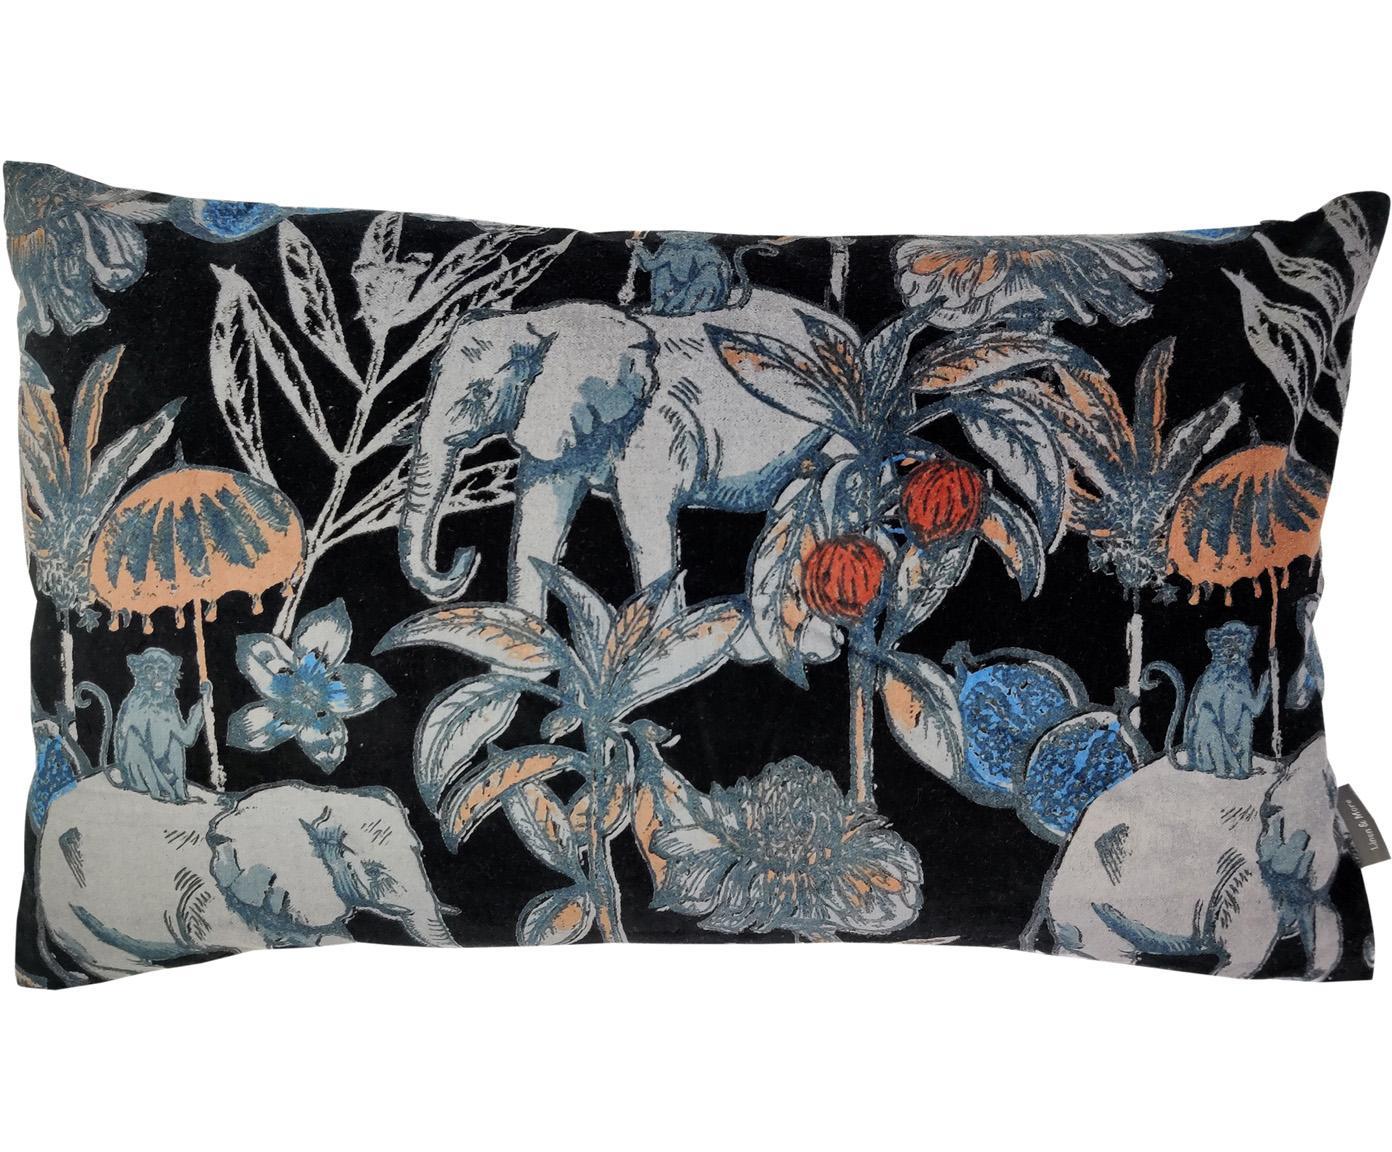 Samtkissen Elephant, mit Inlett, Bezug: 100% Baumwolle, Schwarz, Mehrfarbig, 30 x 50 cm